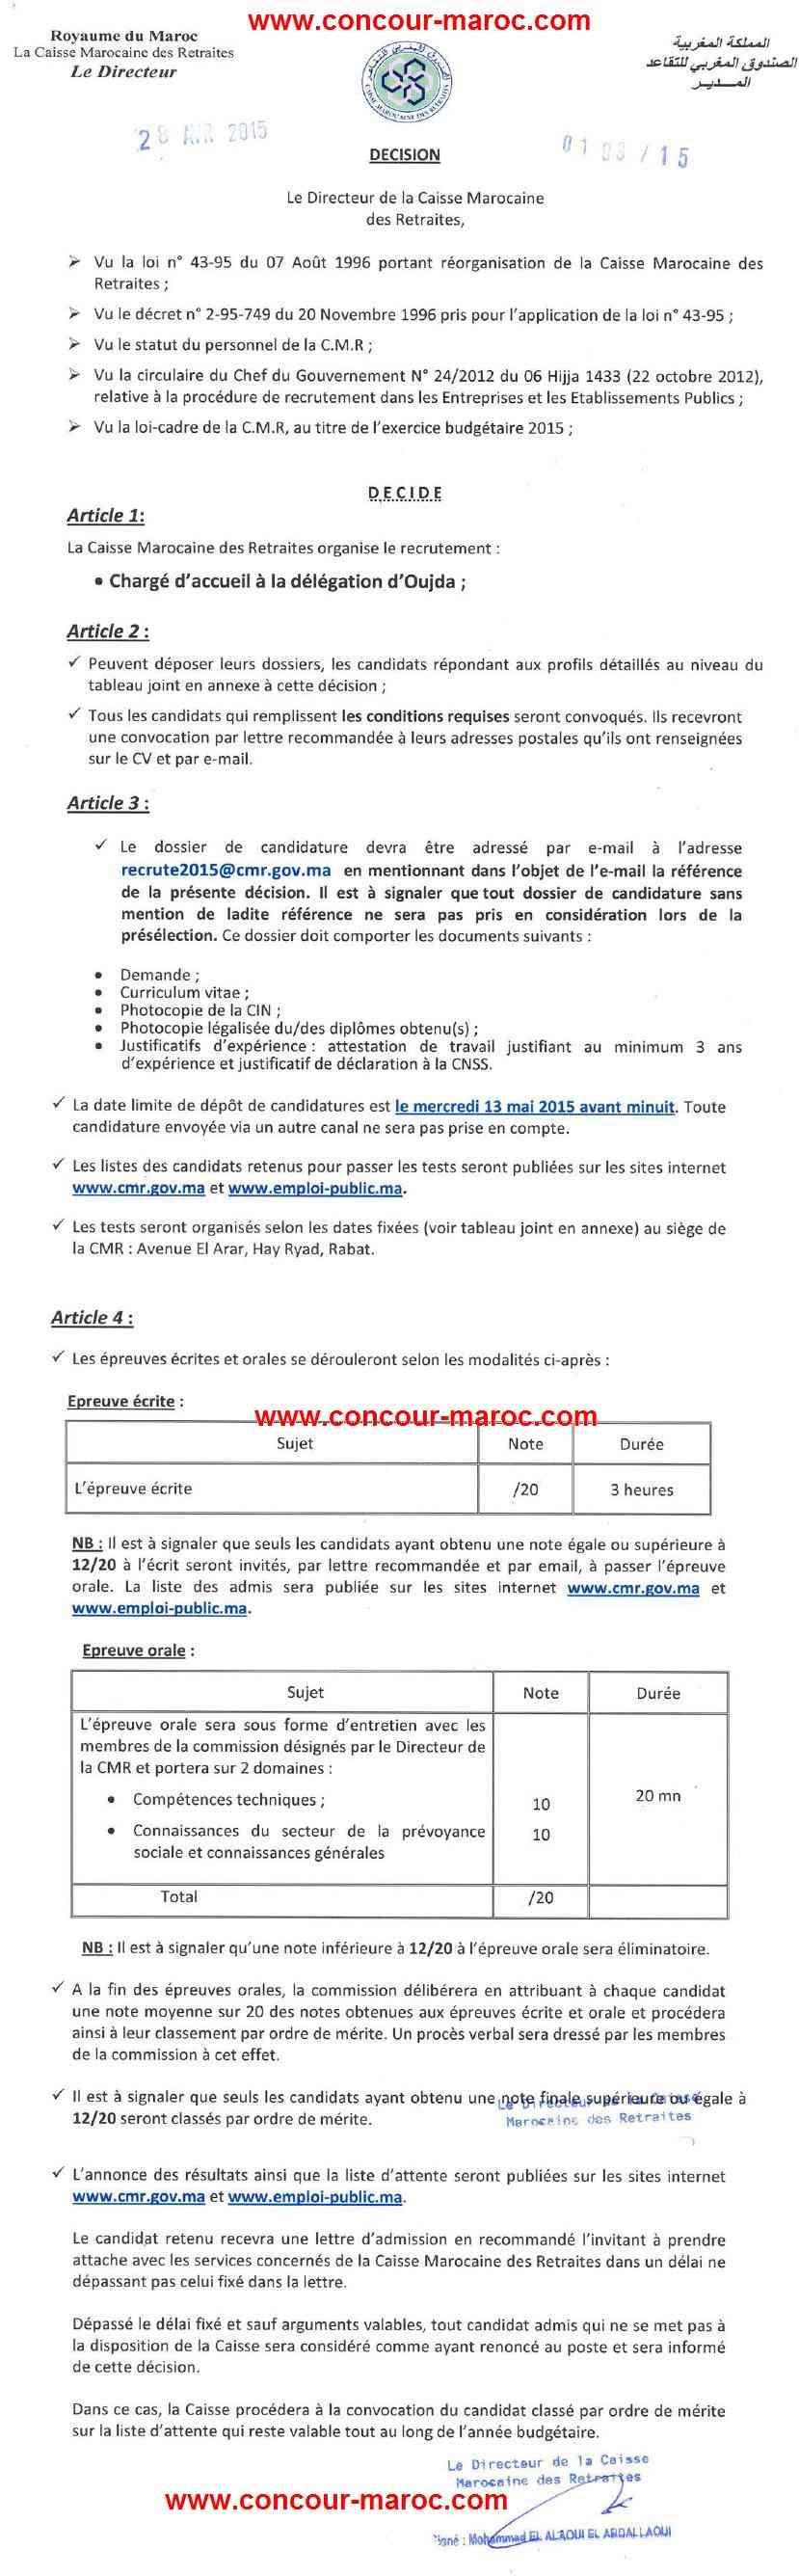 الصندوق المغربي للتقاعد - المندوبية الجهوية وجدة : مباراة لتوظيف مكلف بالإستقبال (1 منصب) آخر أجل لإيداع الترشيحات 13 ماي 2015 Conco107